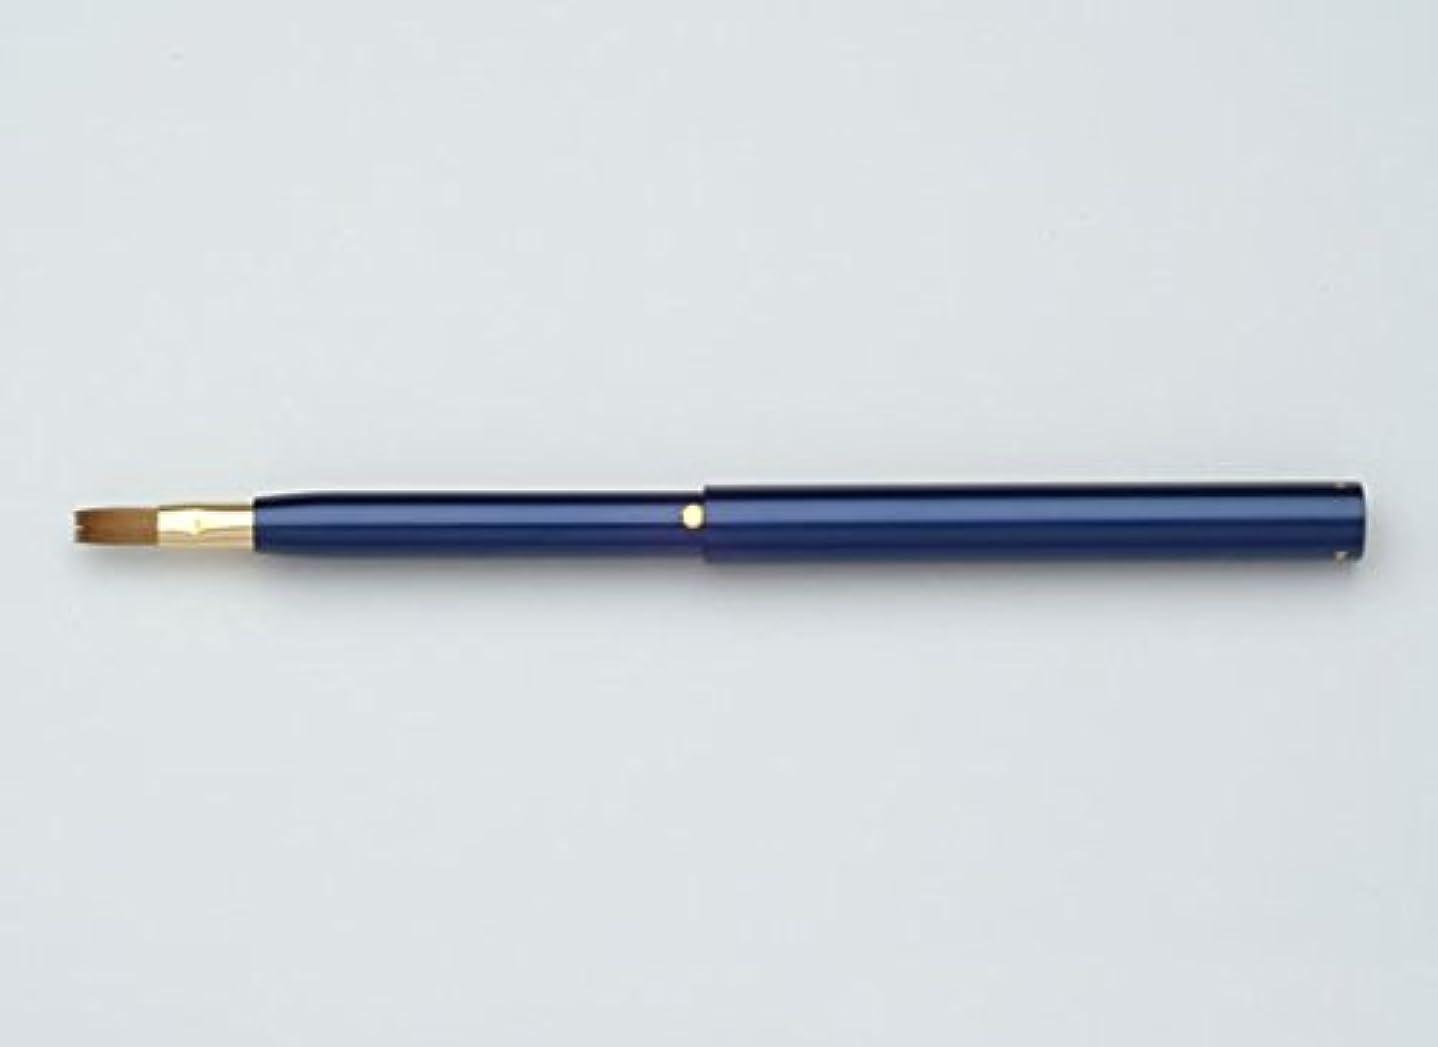 月遠洋の奨励します熊野筆 丹精堂 リップブラシTRO-03 ブルー